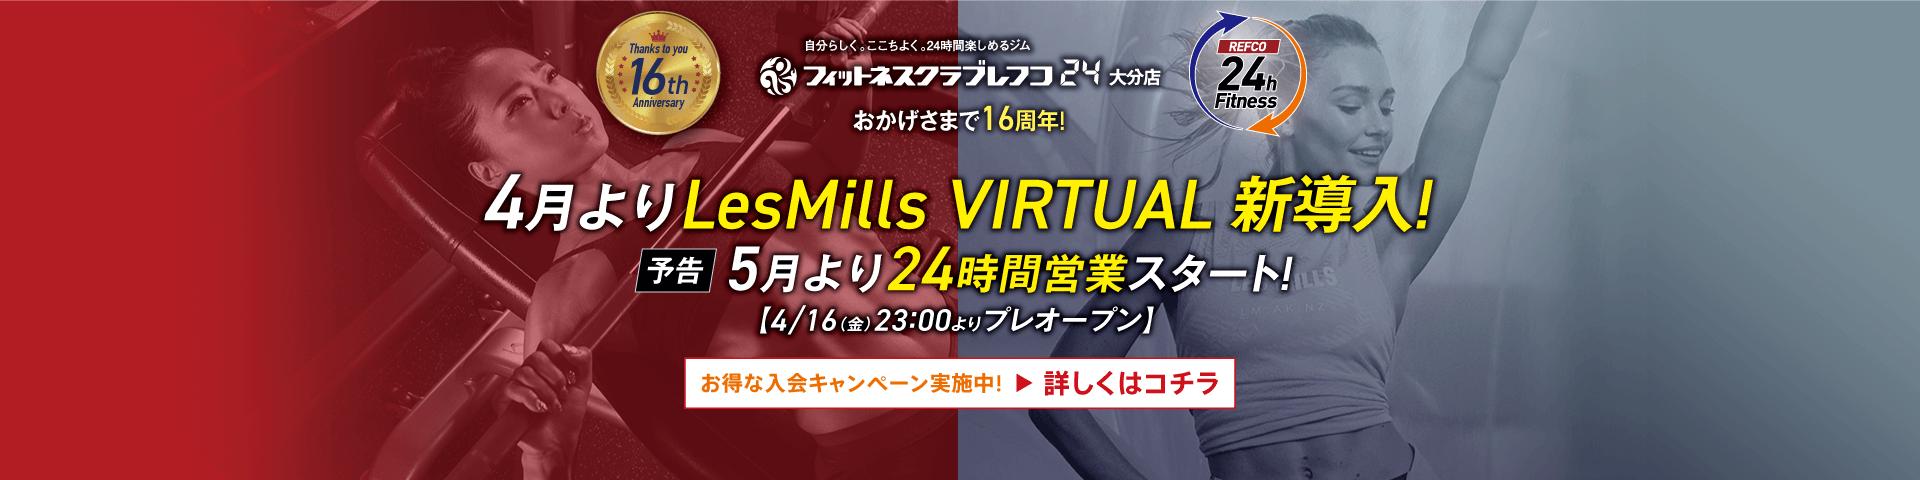 4月よりLesMills VIRTUAL 新導入!